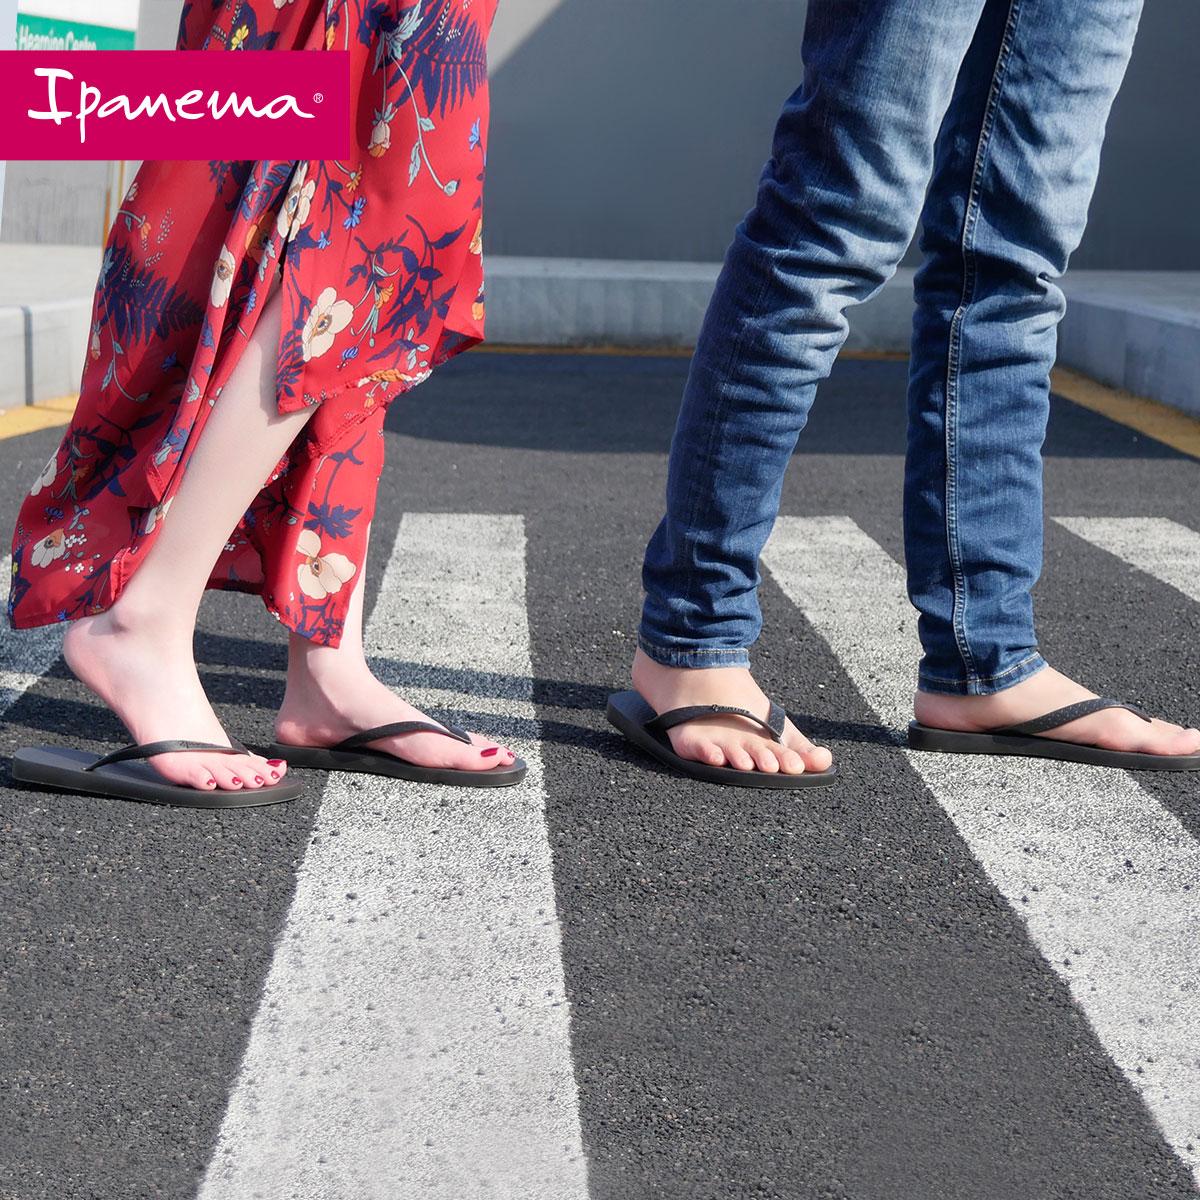 ipanema 依帕内玛 情侣款 人字拖鞋 沙滩鞋 聚划算+天猫优惠券折后¥125包邮(¥155-30)多色可选